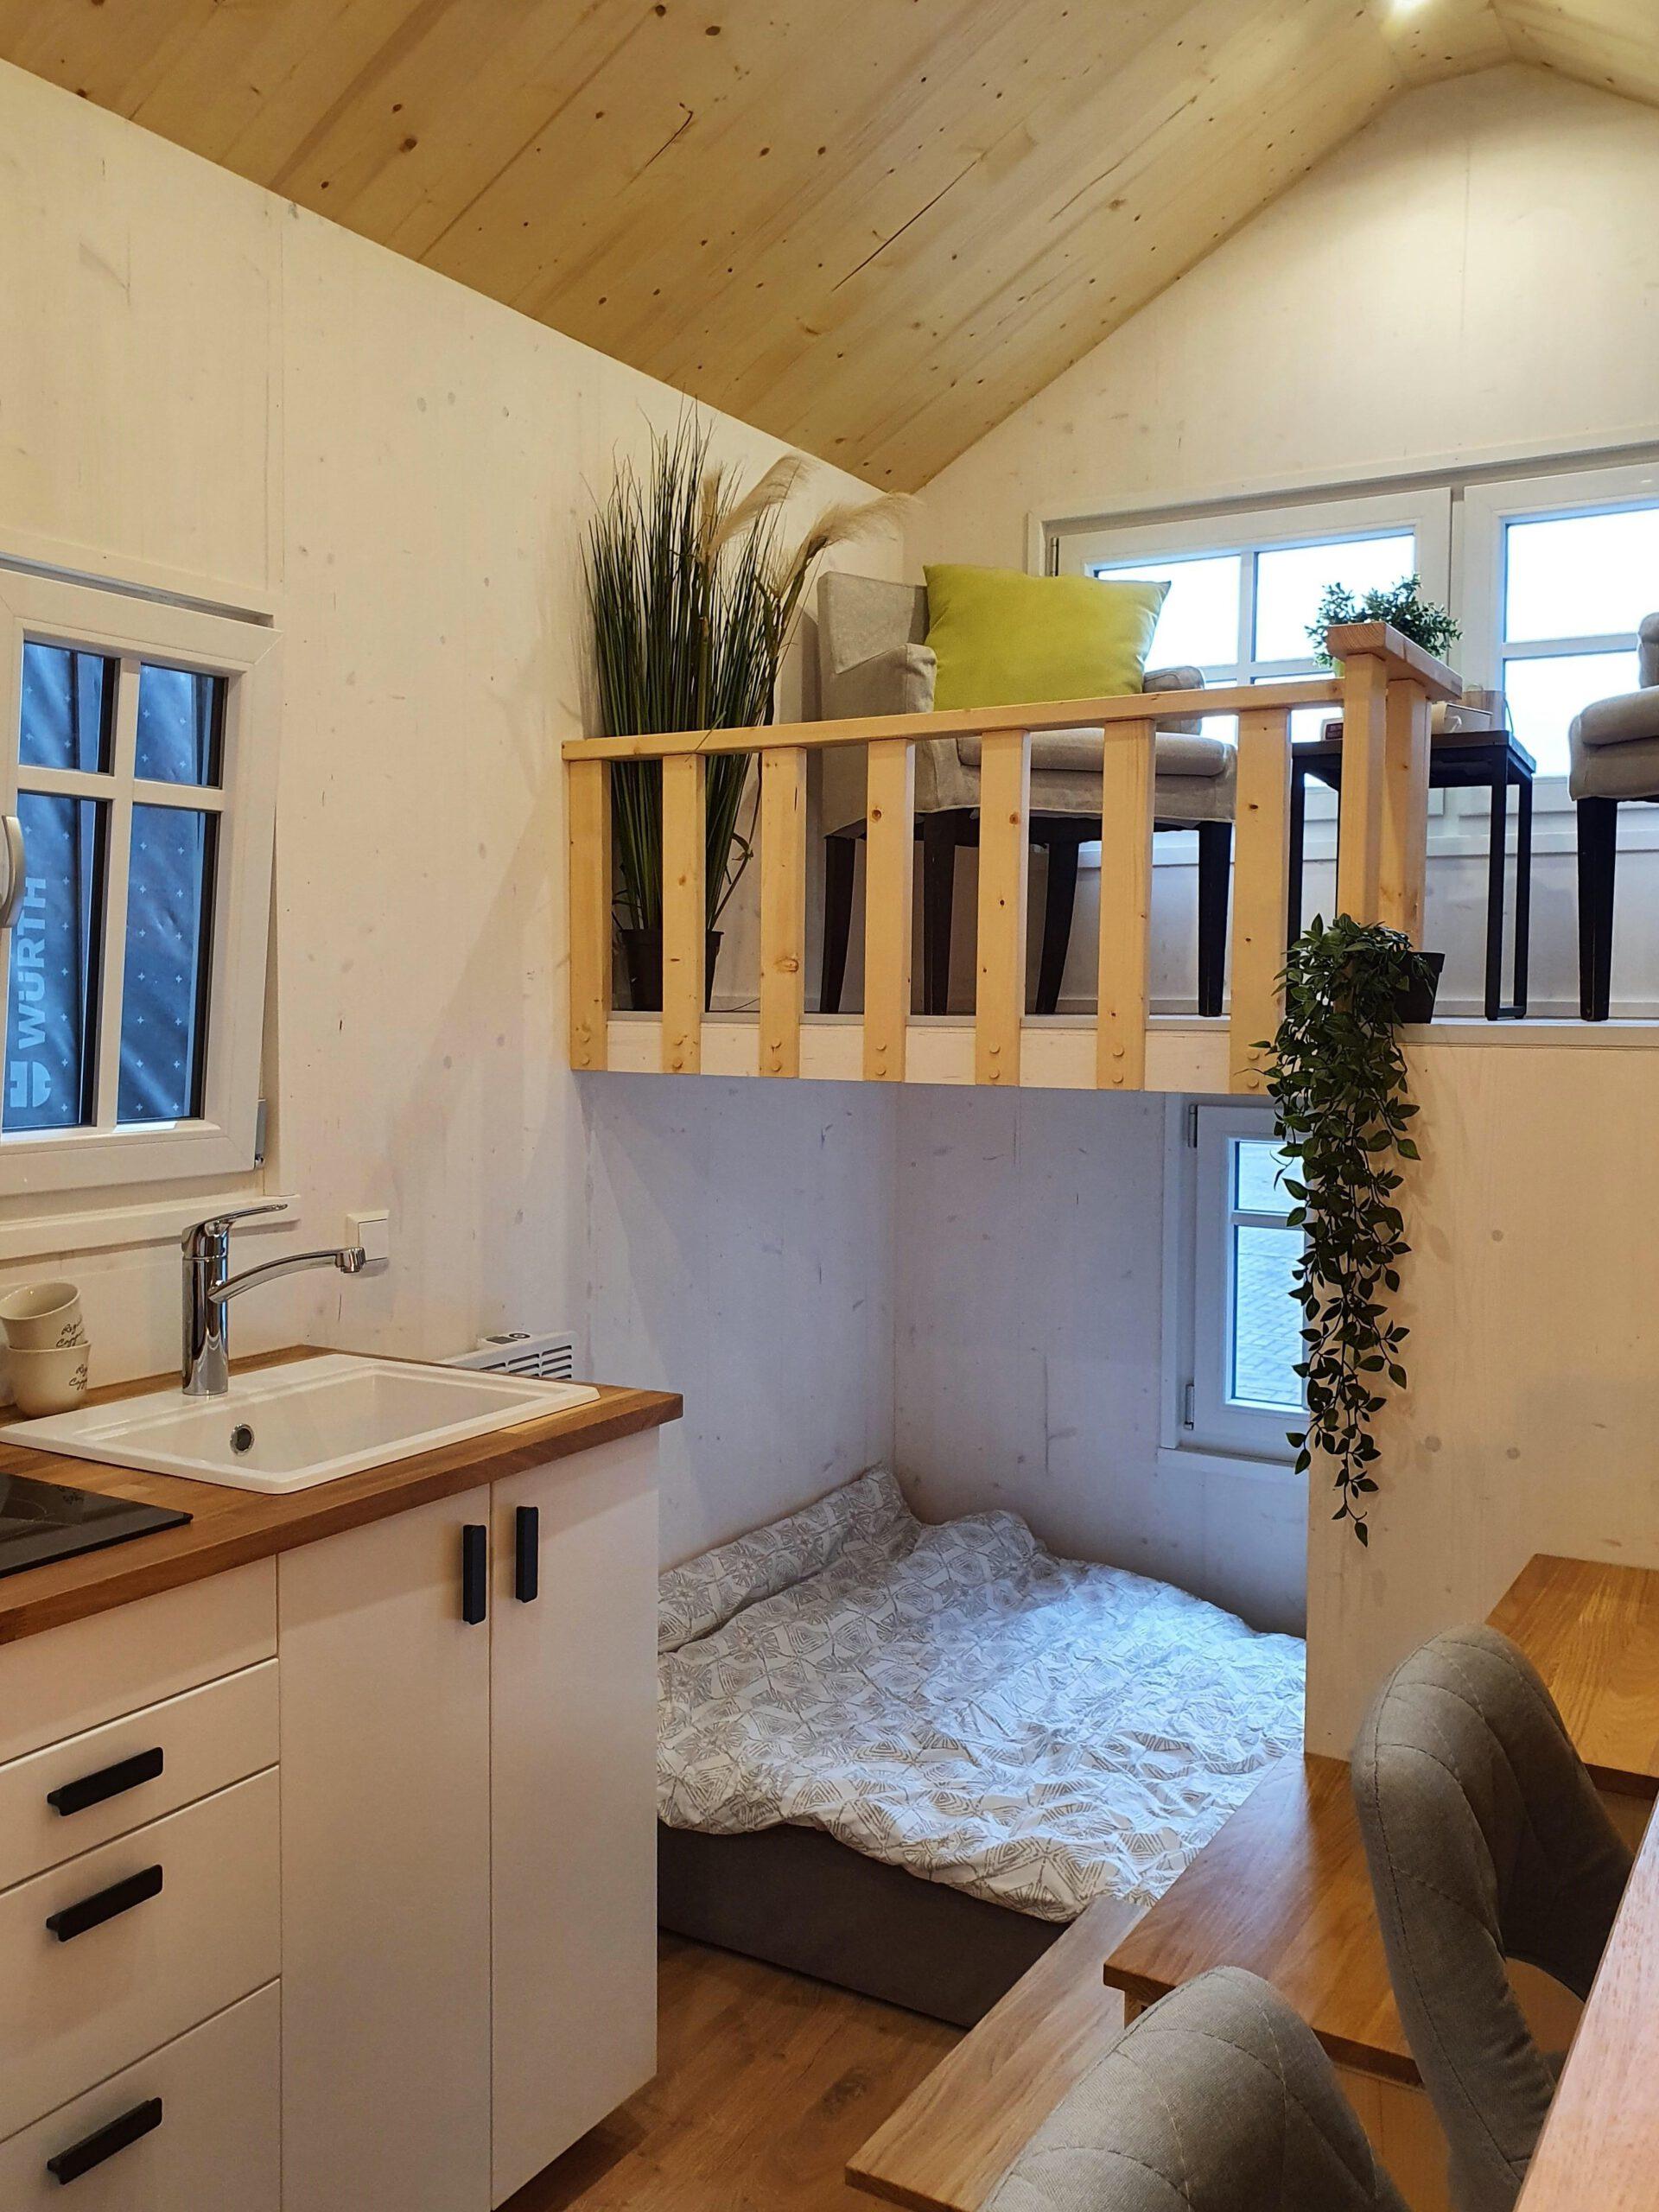 Blick auf Küchenzeile und Bett der Ahse